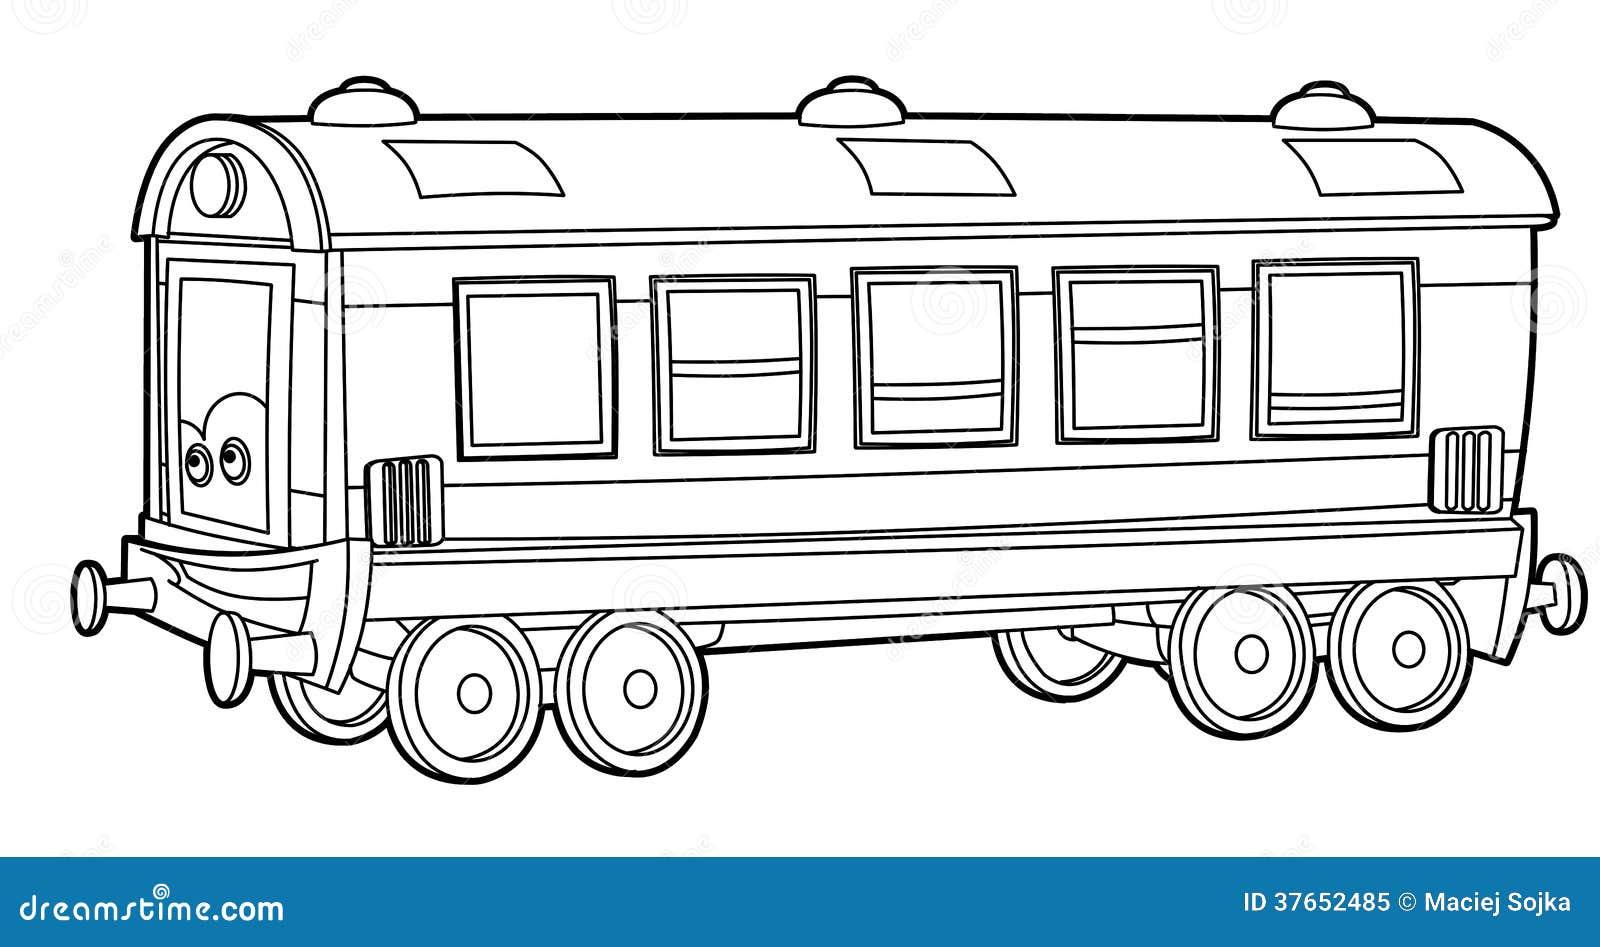 Карандашом нарисованный поезд с вагонами